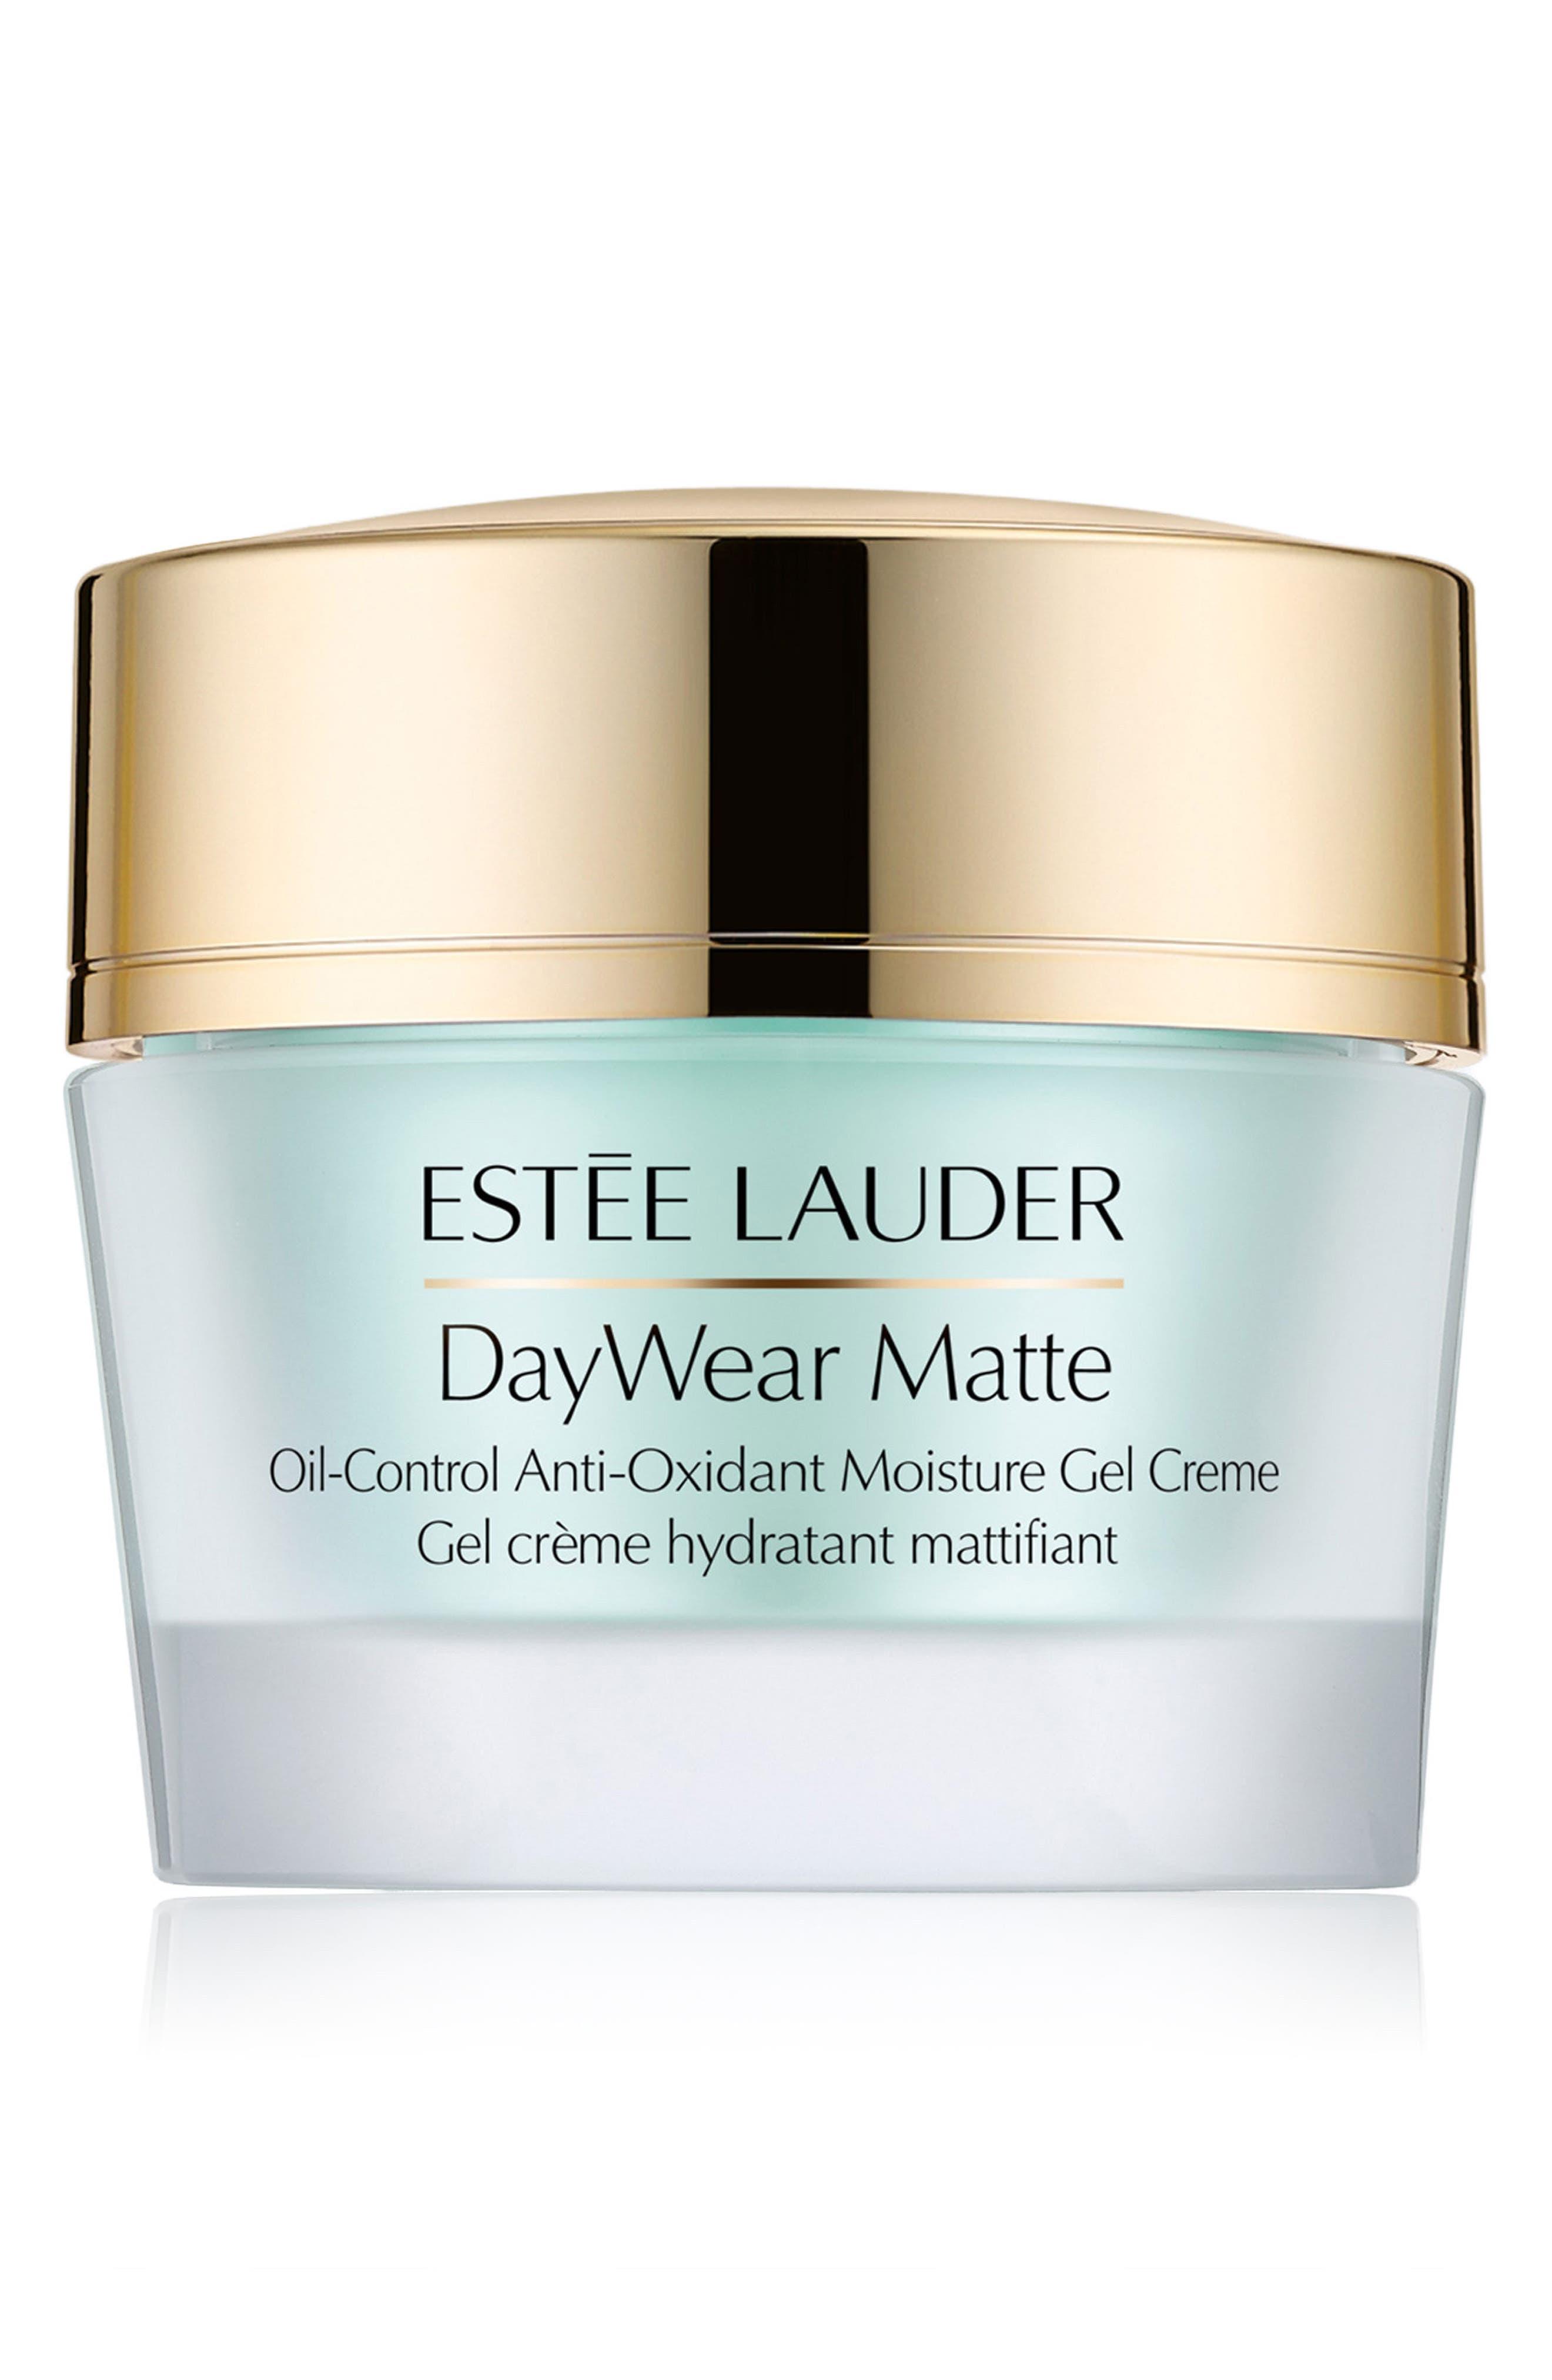 DayWear Matte Oil-Control Anti-Oxidant Moisture Gel Crème,                             Main thumbnail 1, color,                             No Color